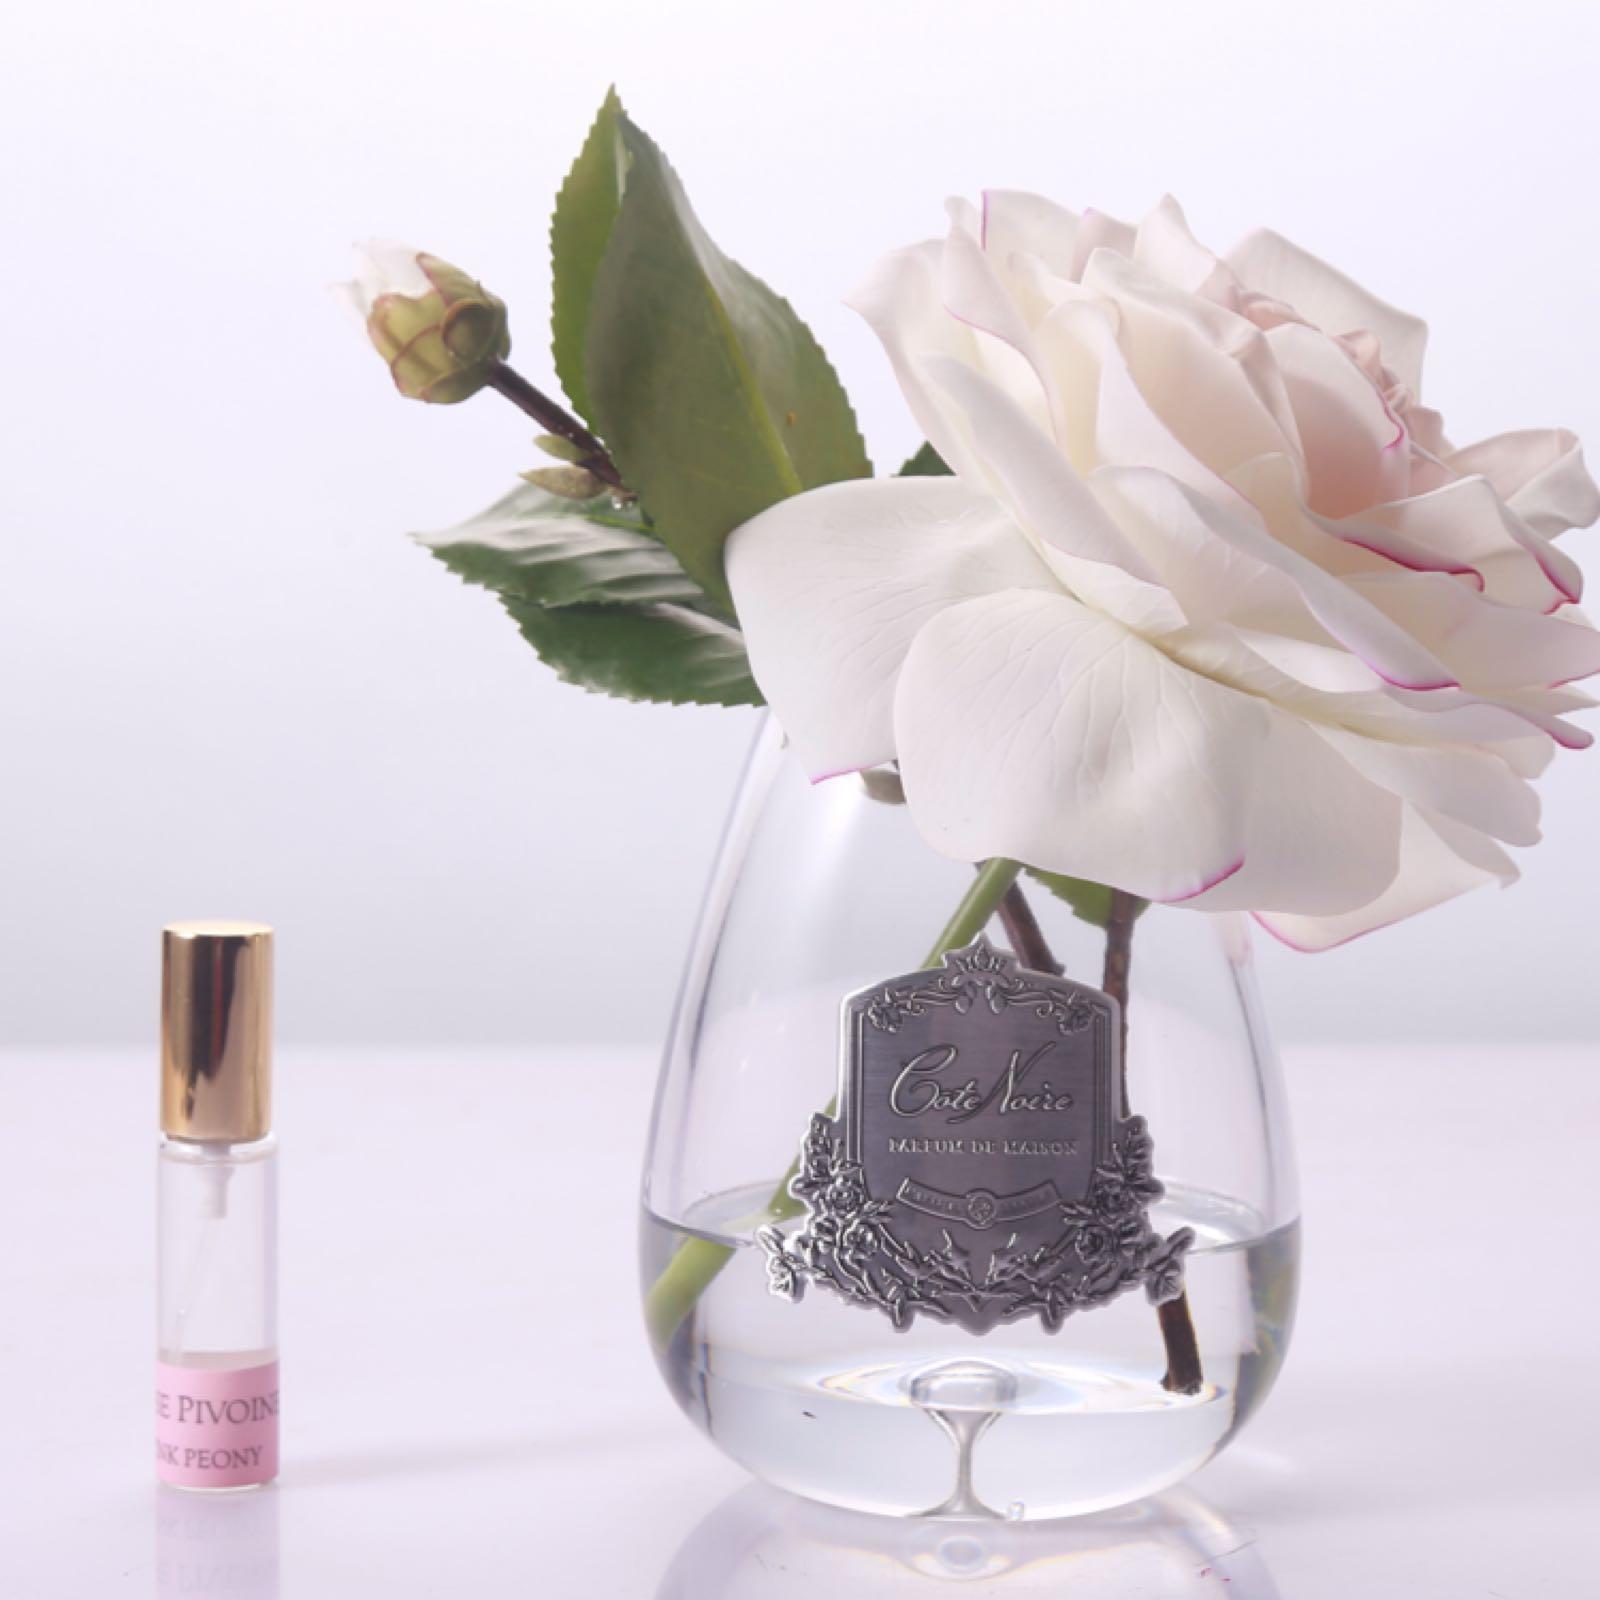 Cote Noire Ivory tea rose